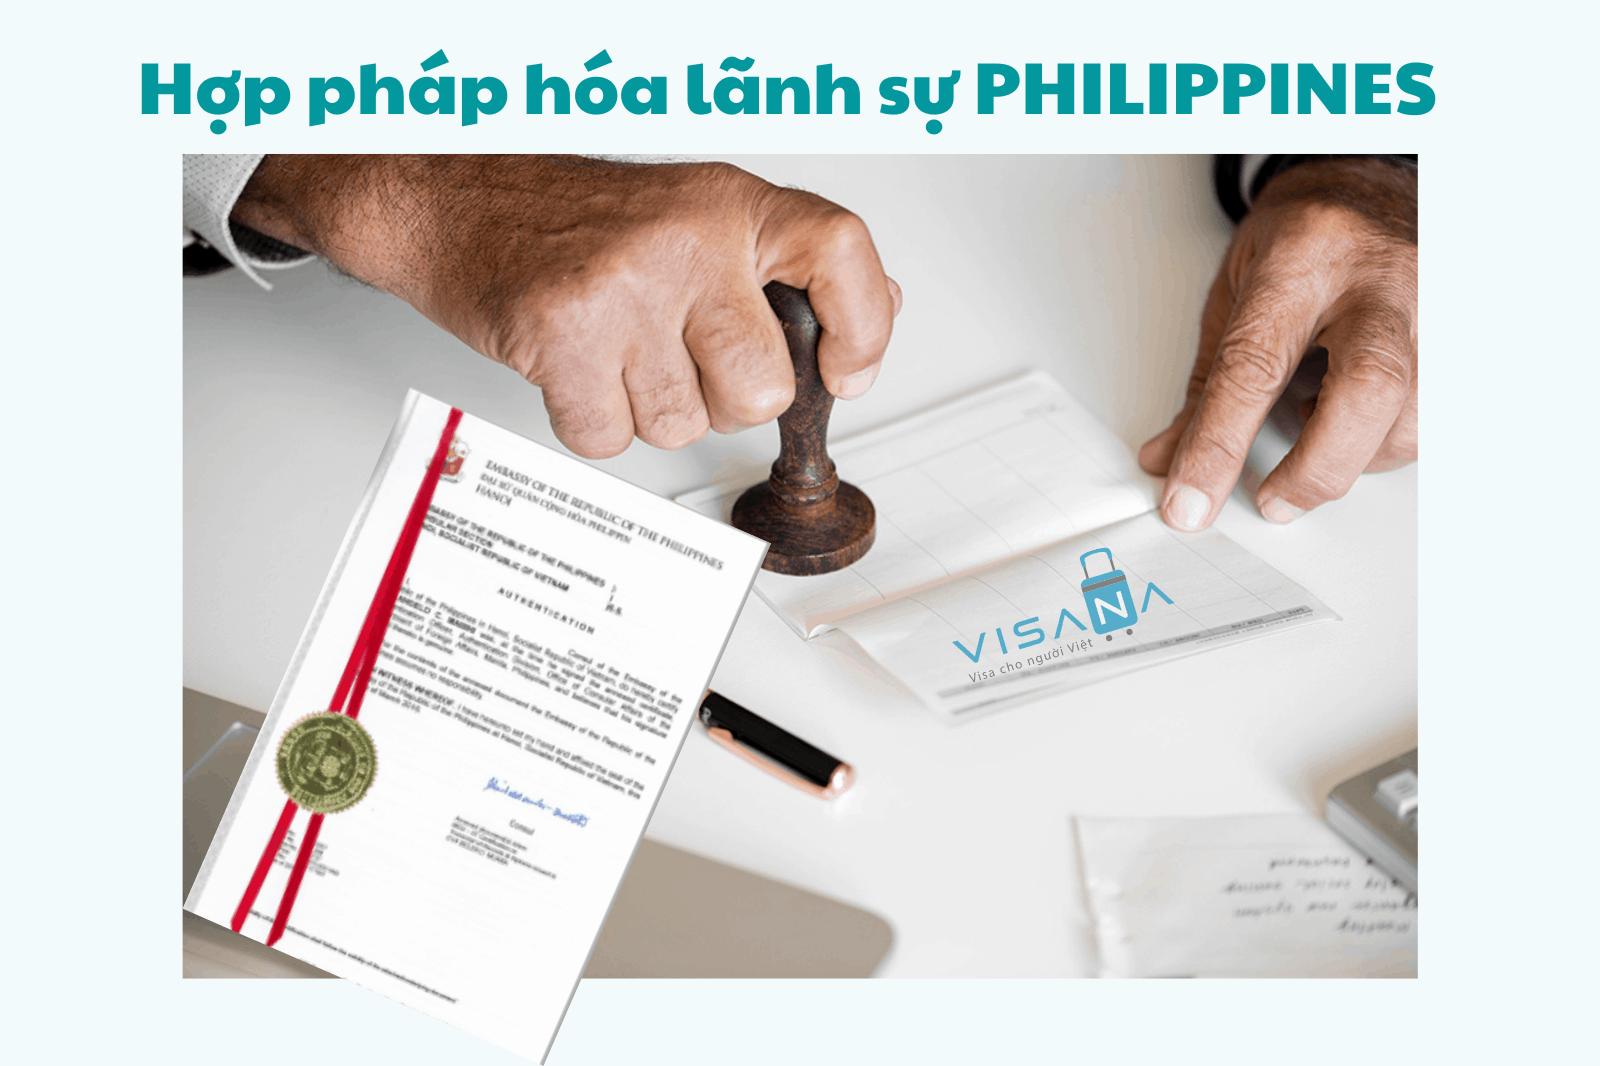 Hợp pháp hóa lãnh sự Philippines